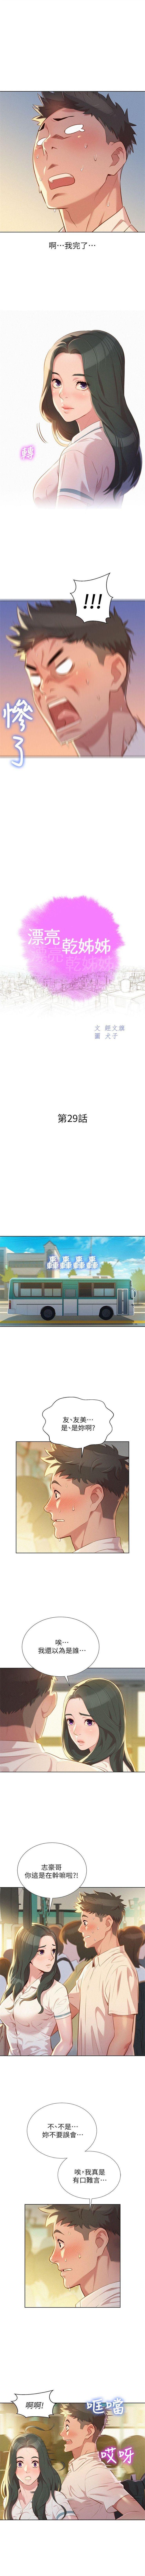 (週7)漂亮幹姐姐  1-92 中文翻譯 (更新中) 146